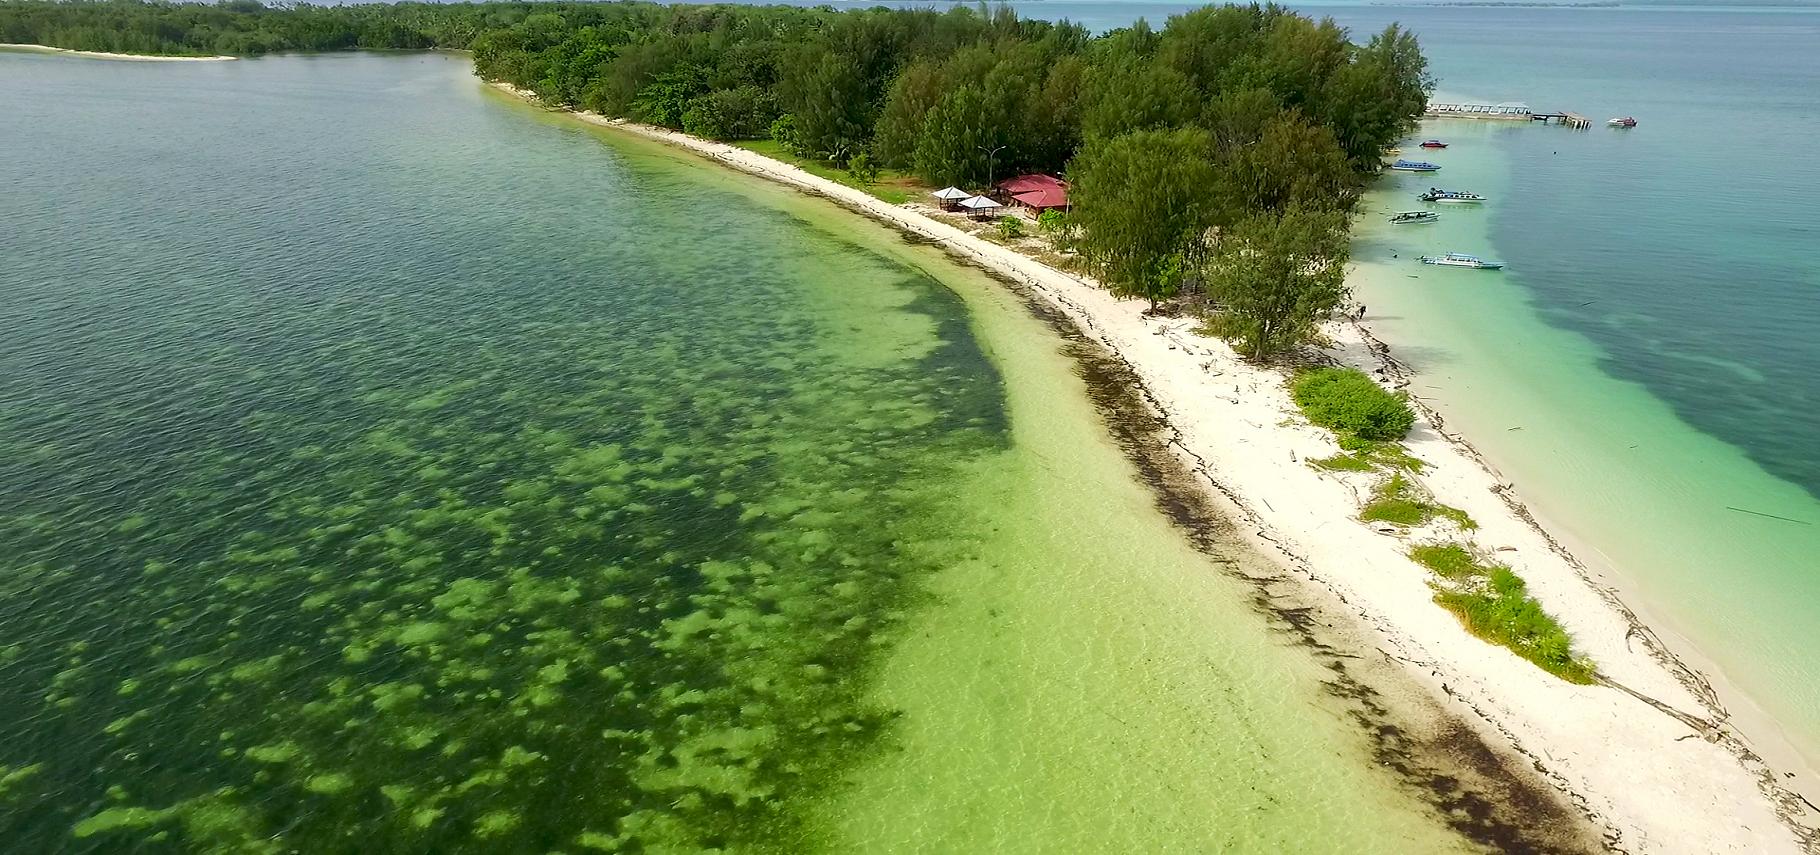 Wisata Pantai Dodola Morotai